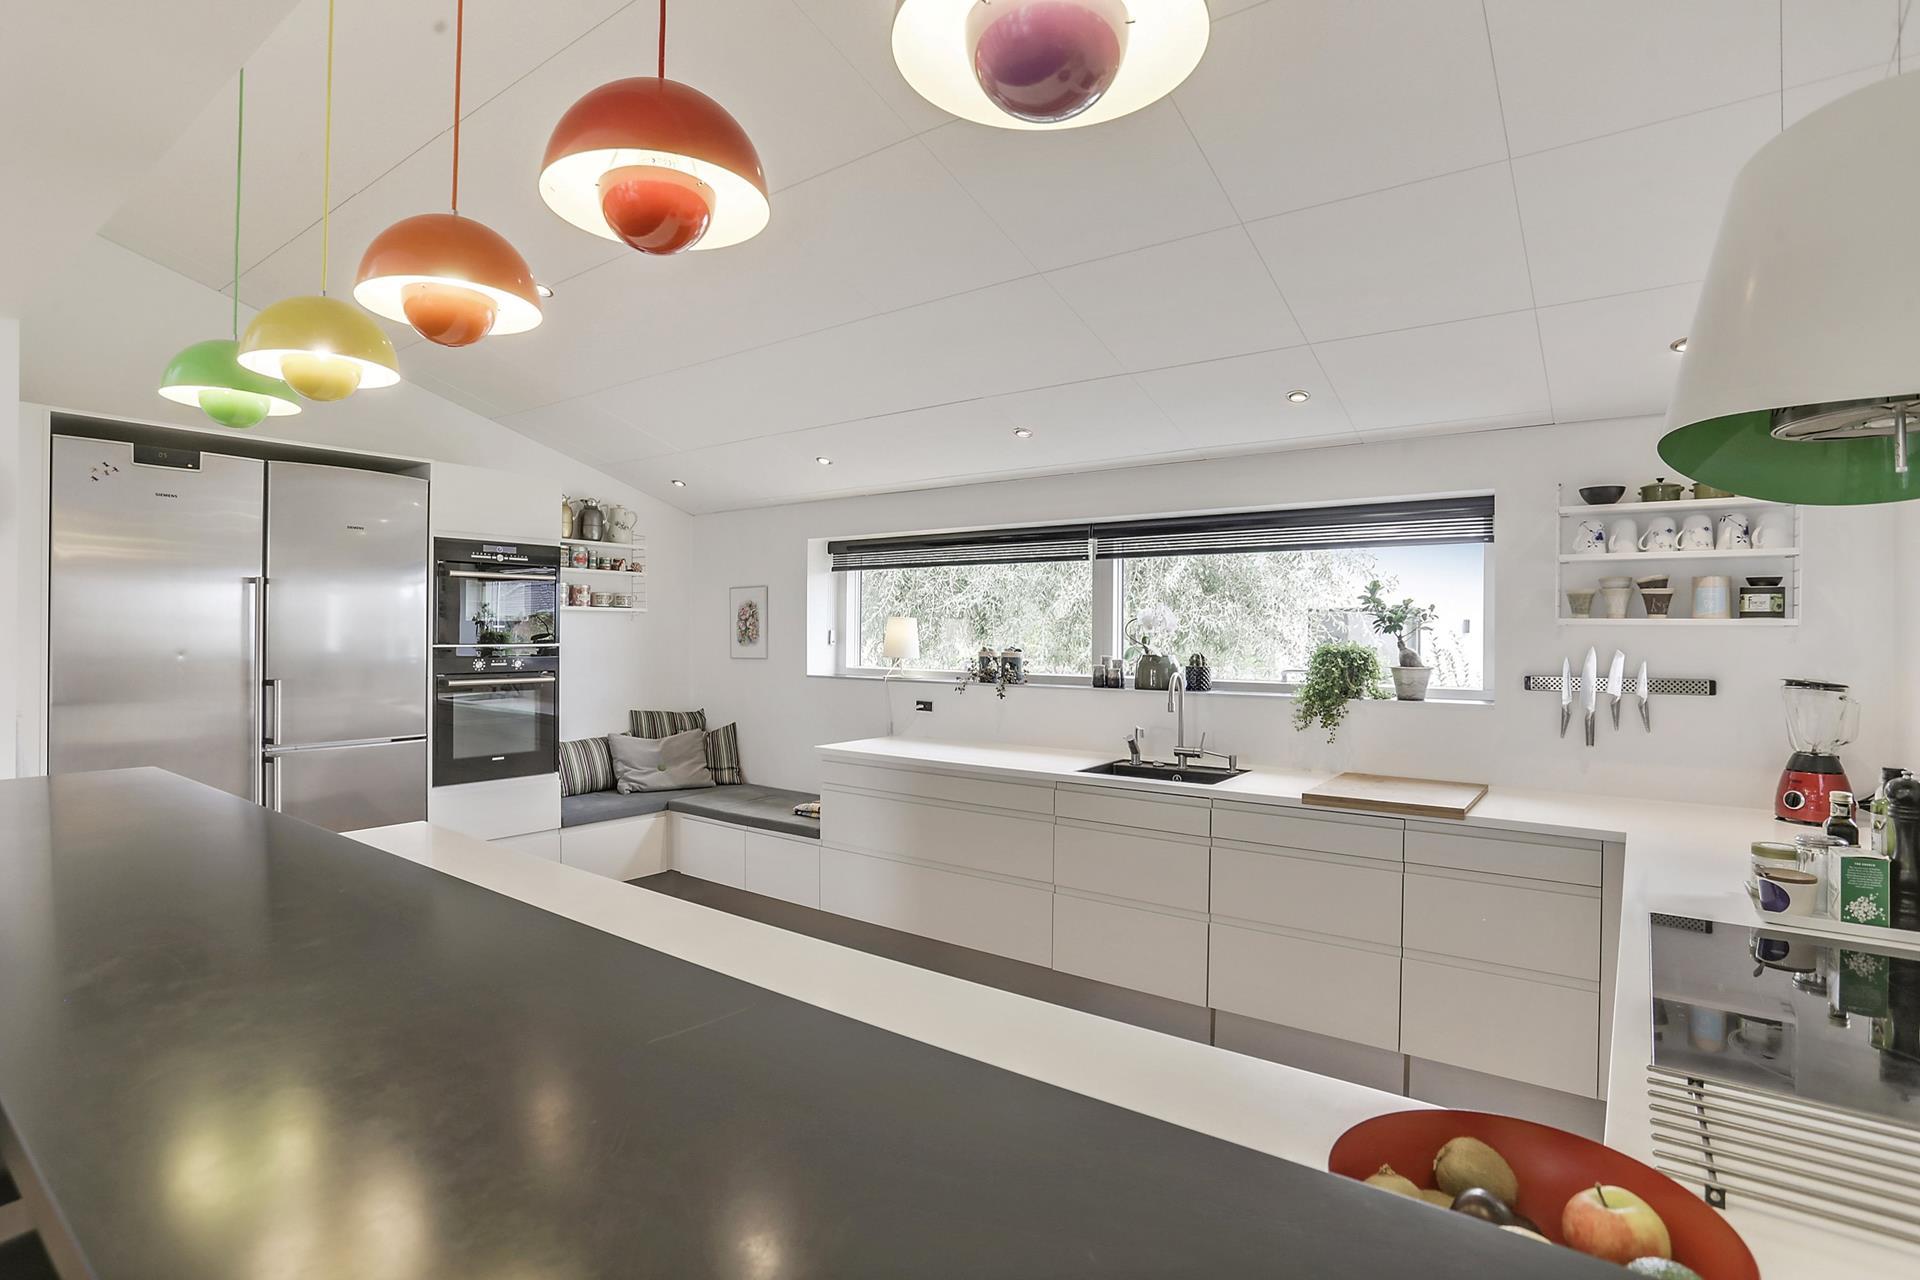 Toque de color en una cocina blanca - Blog tienda decoración estilo ...